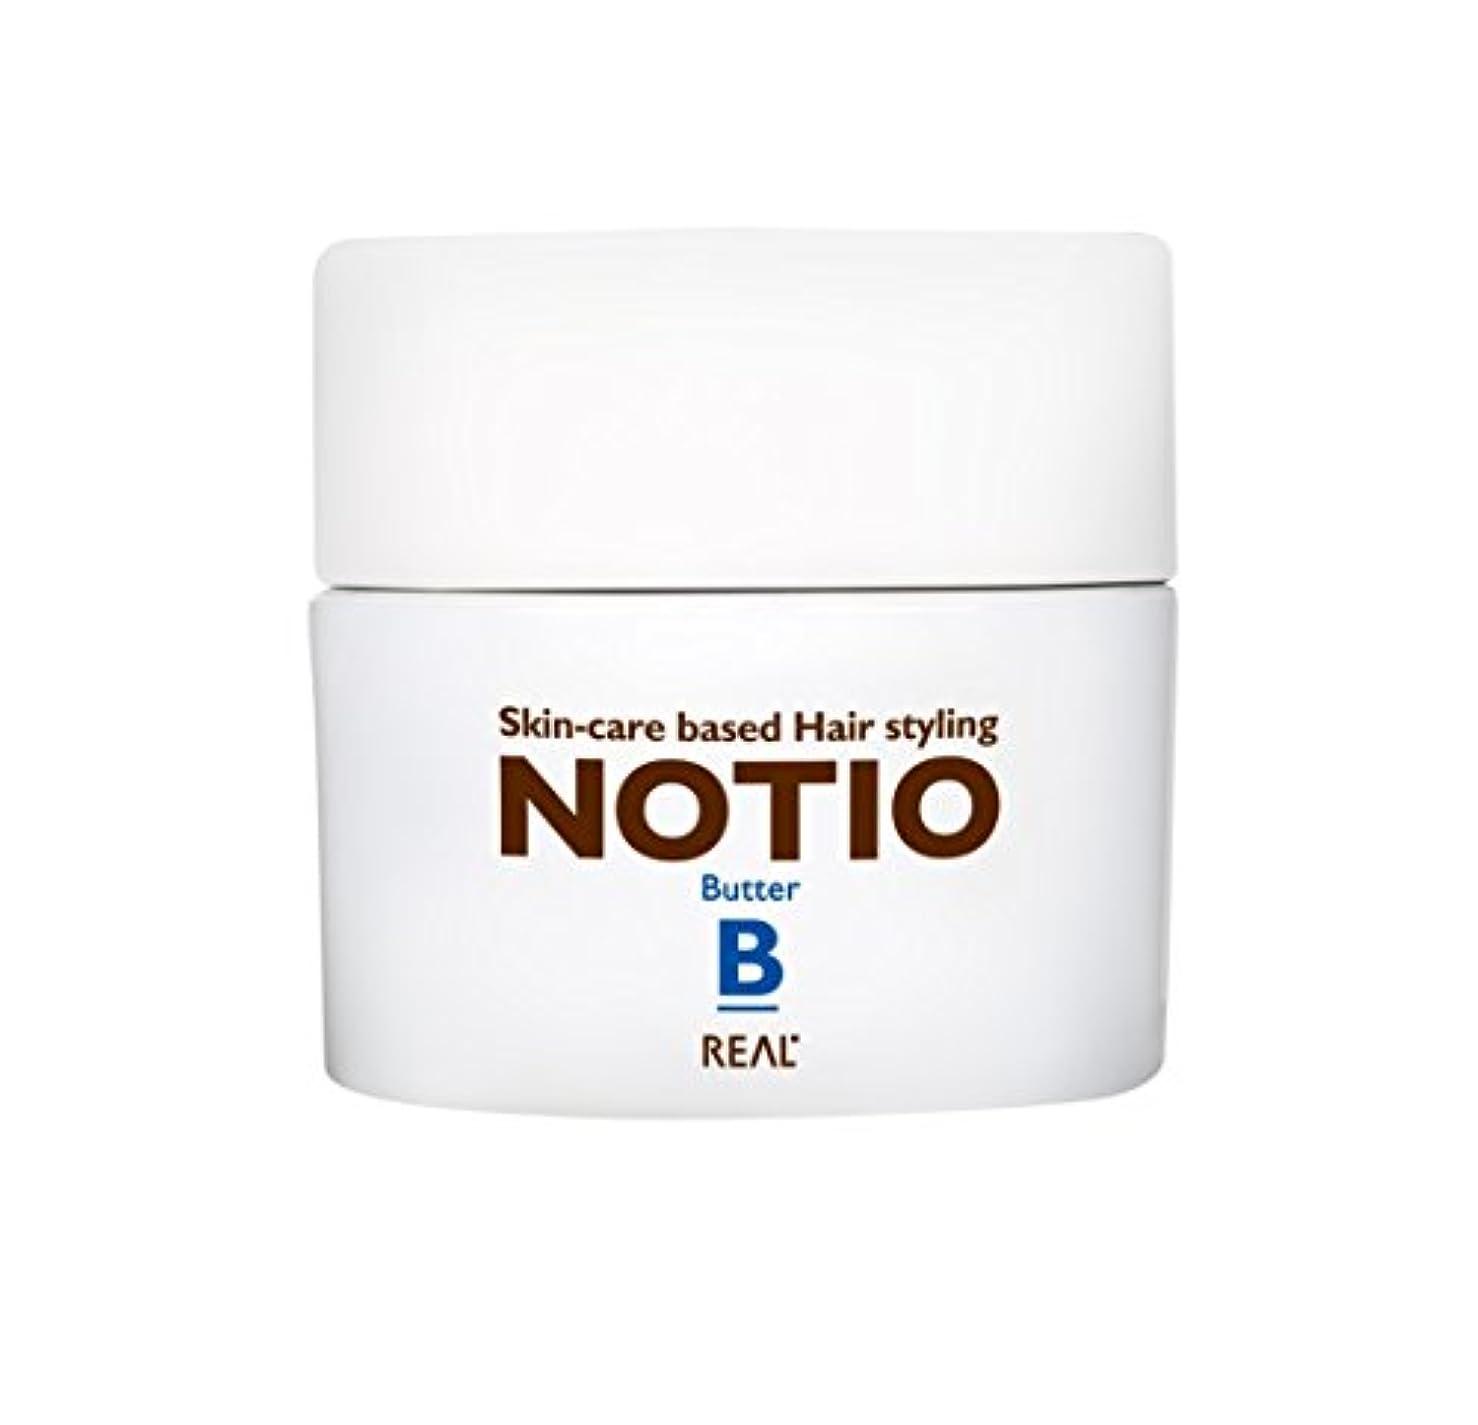 リアル化学 ノティオ (NOTIO) バター 45g